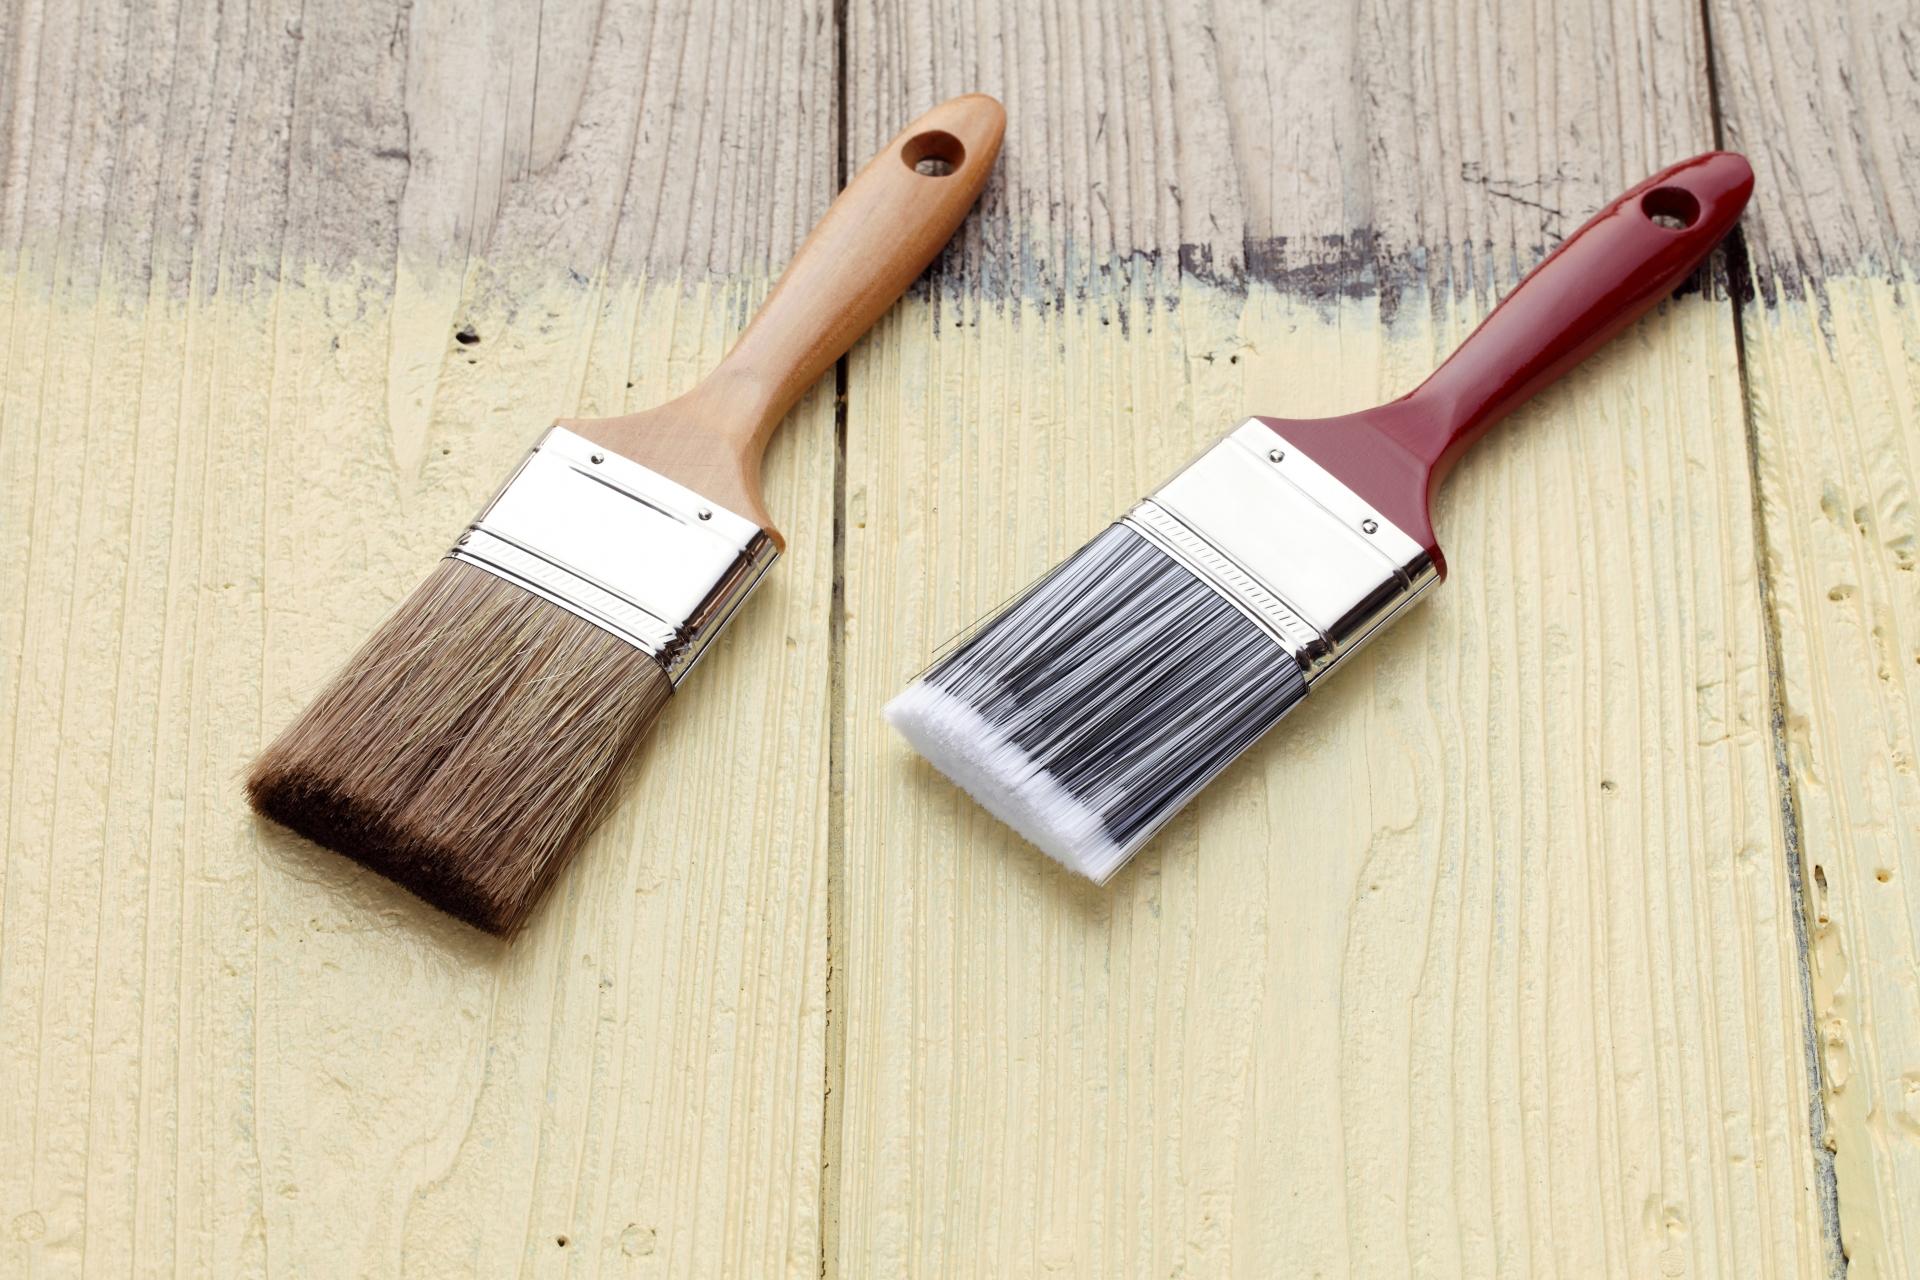 室内壁を自分で塗り替えよう!必要な道具・材料から手順まで徹底解説